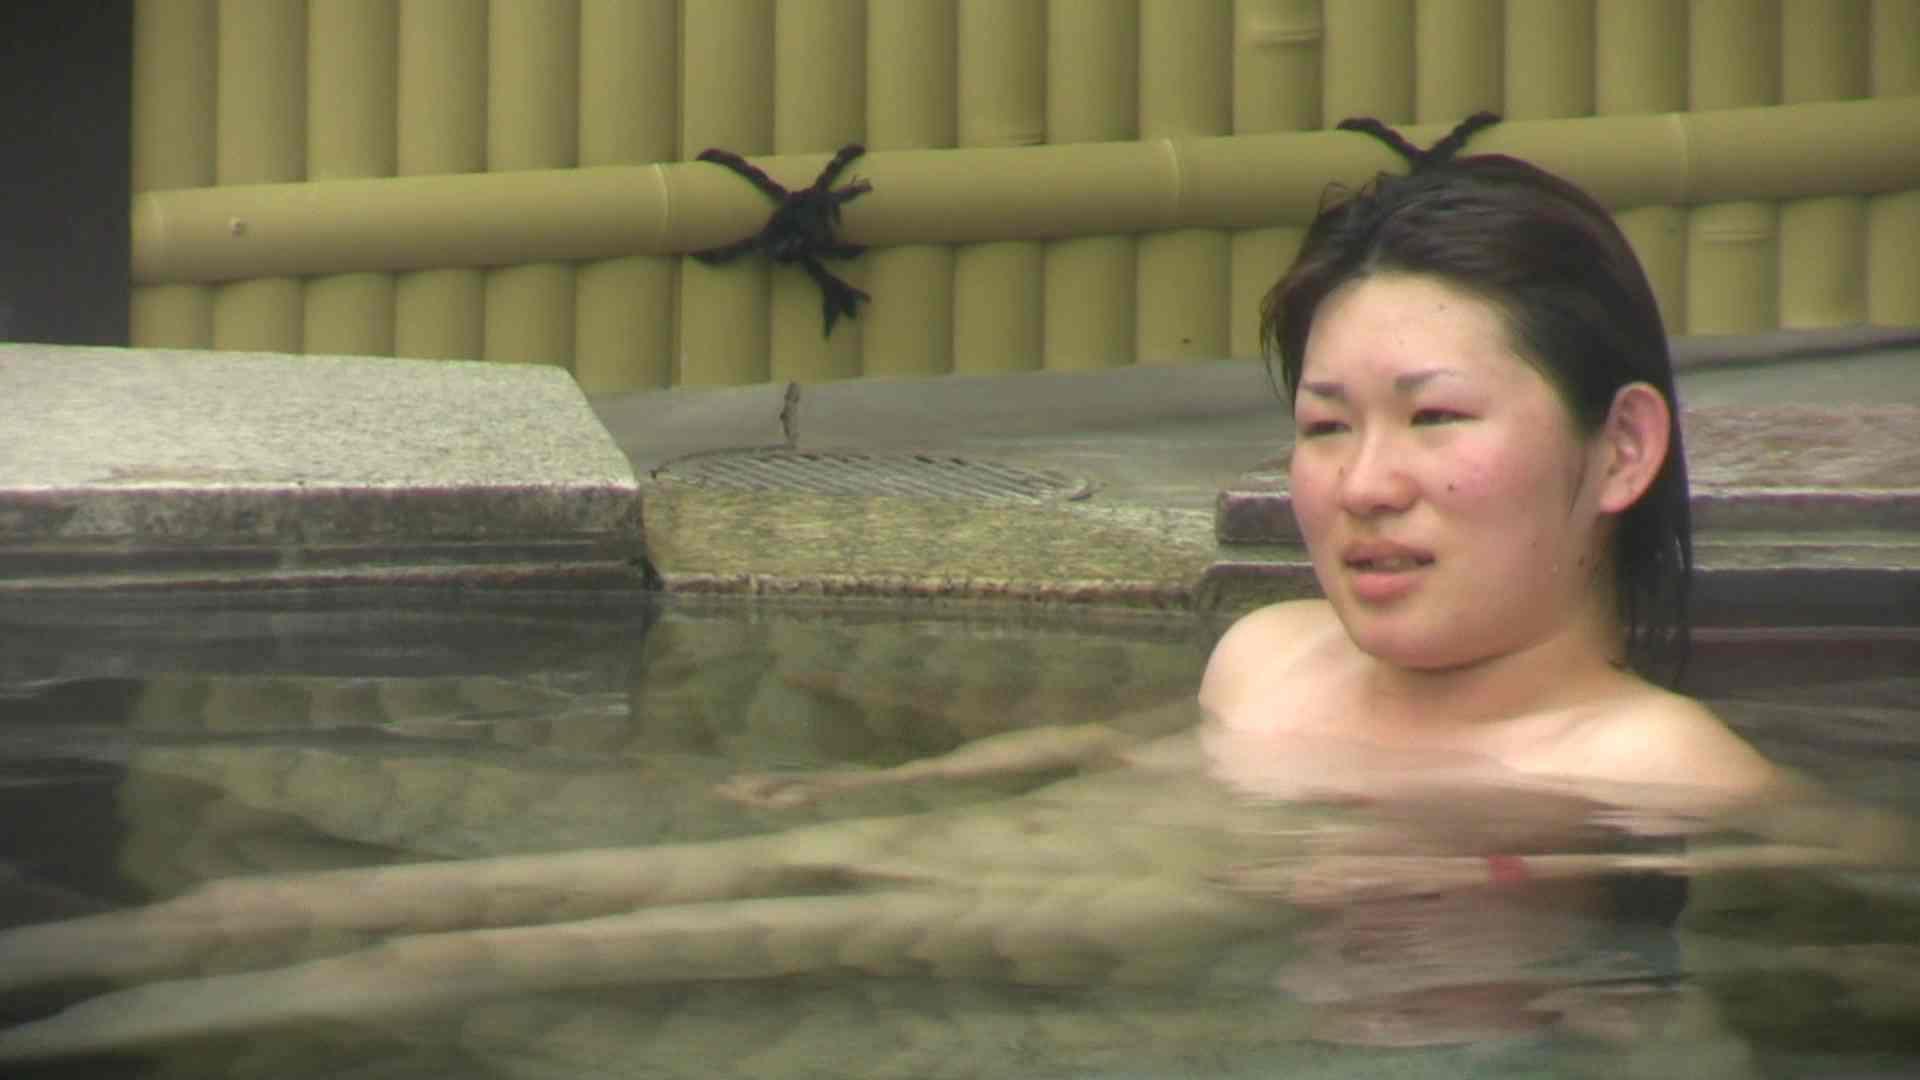 Aquaな露天風呂Vol.673 美しいOLの裸体  99pic 93